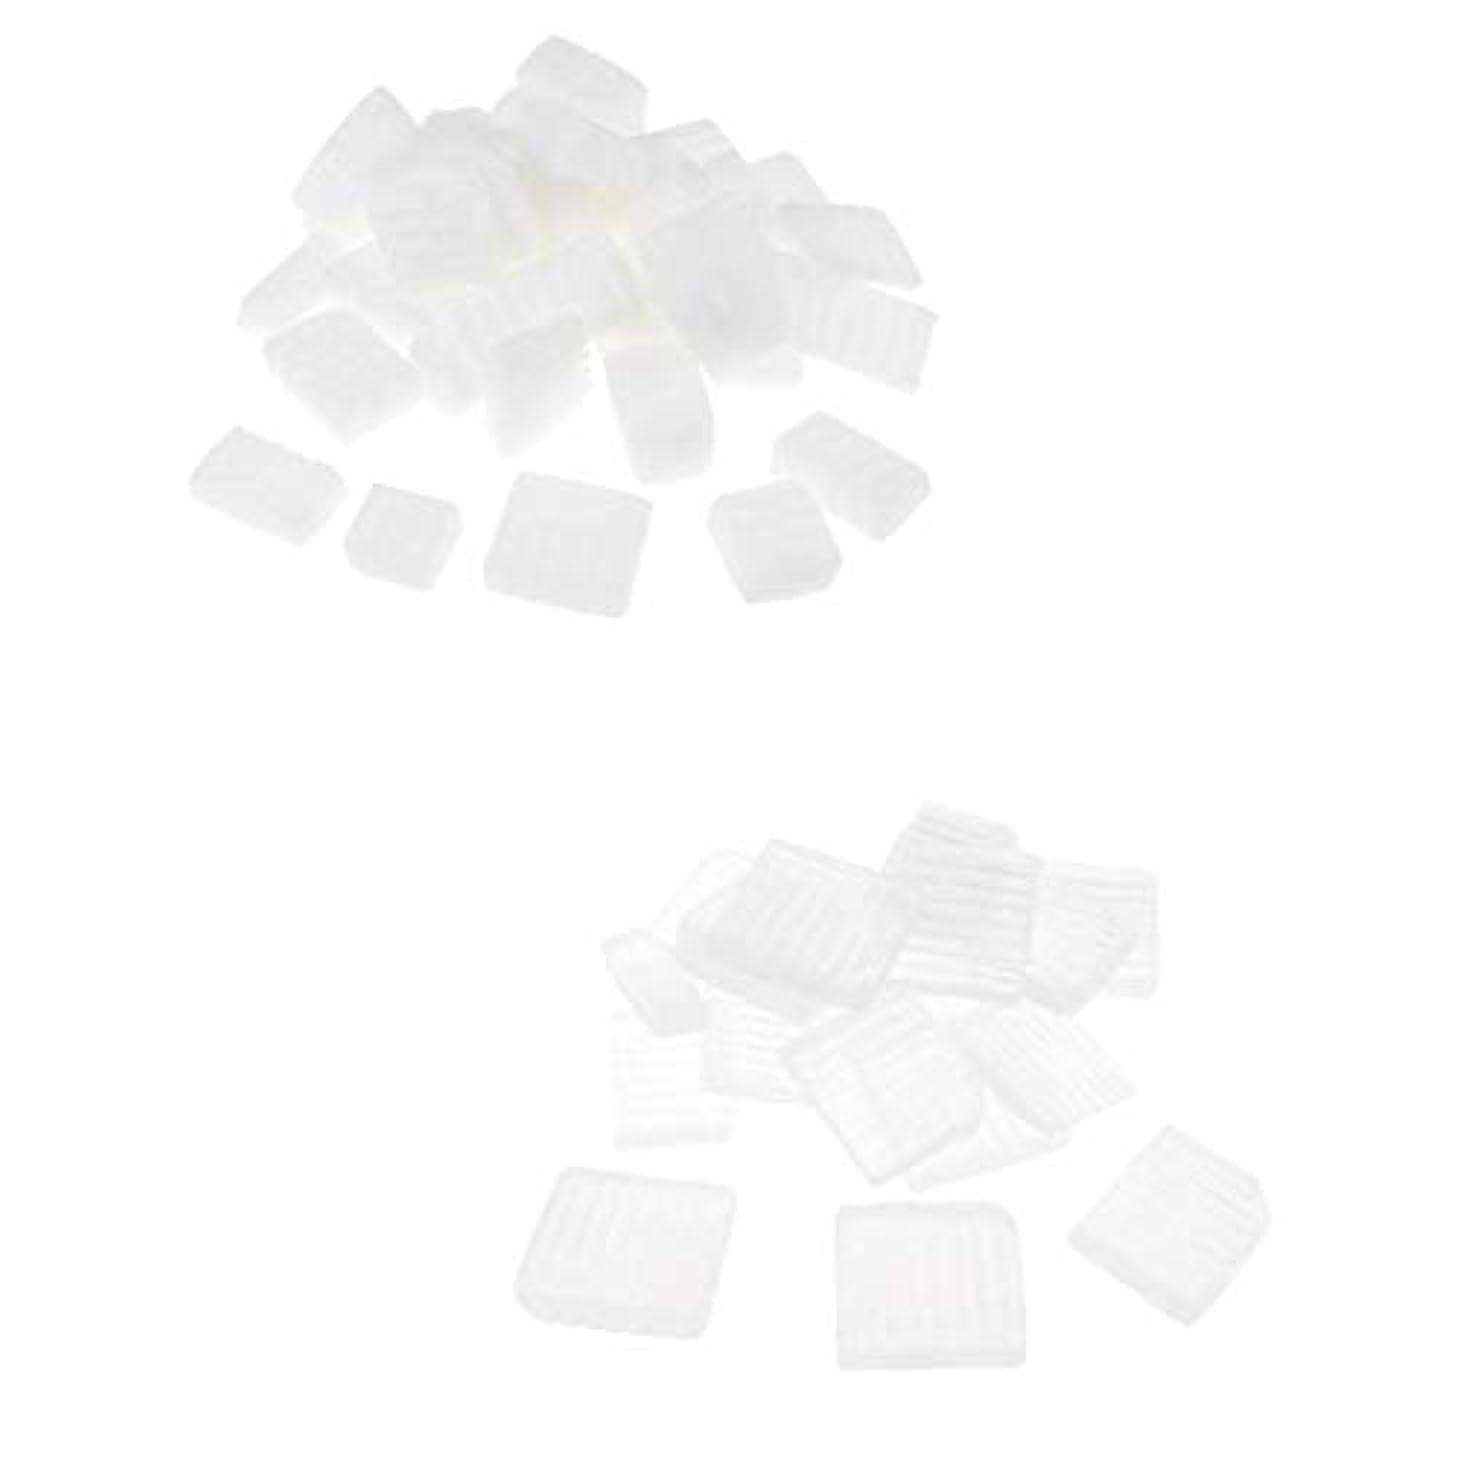 キャプチャーペルー富豪Perfeclan 固形せっけん ホワイト透明 手芸 バス用品 手作り ハンドメイド 石鹸製造 安全健康 2種混合